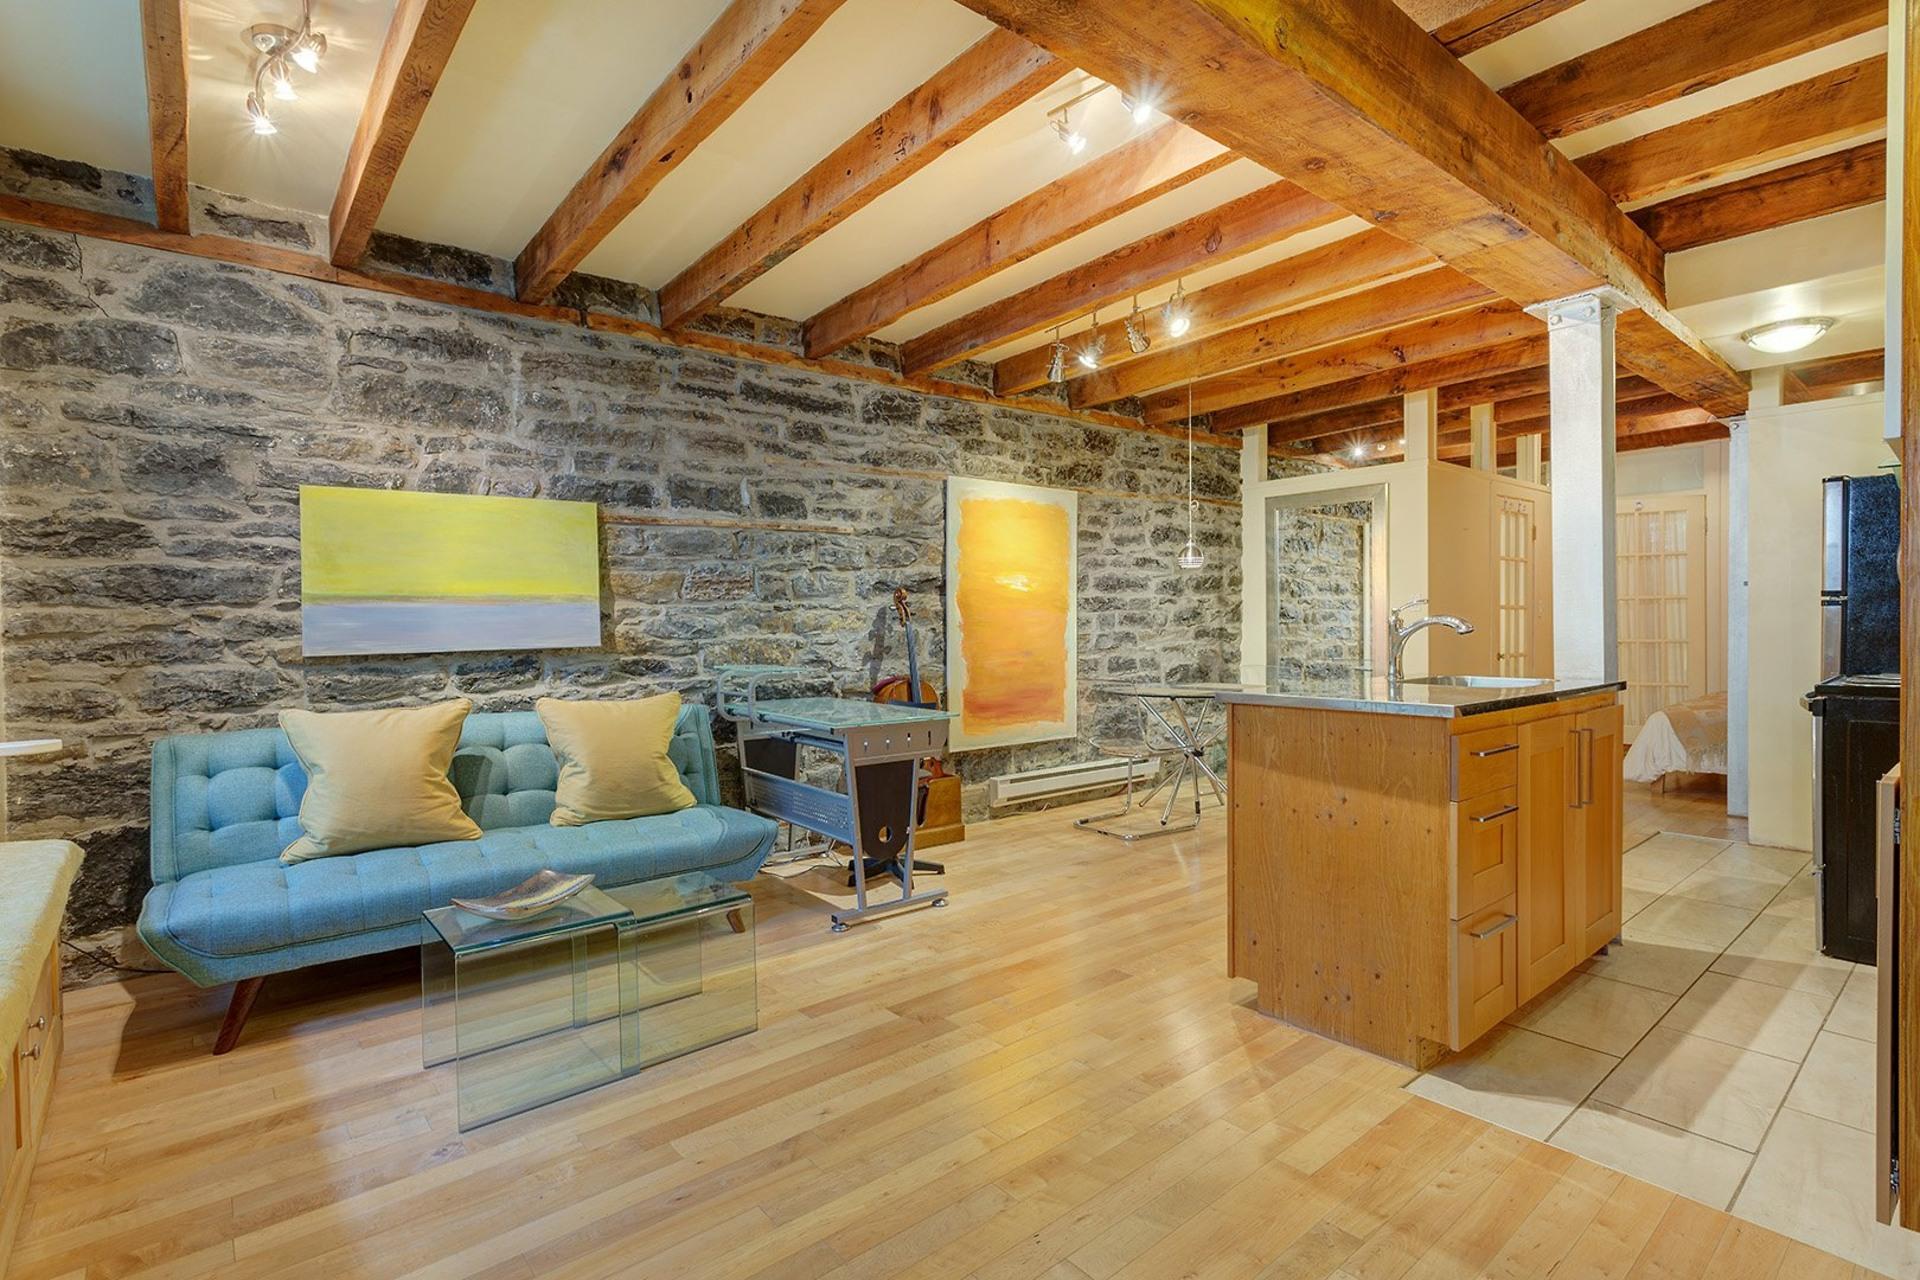 image 26 - Maison À vendre Le Plateau-Mont-Royal Montréal  - 14 pièces